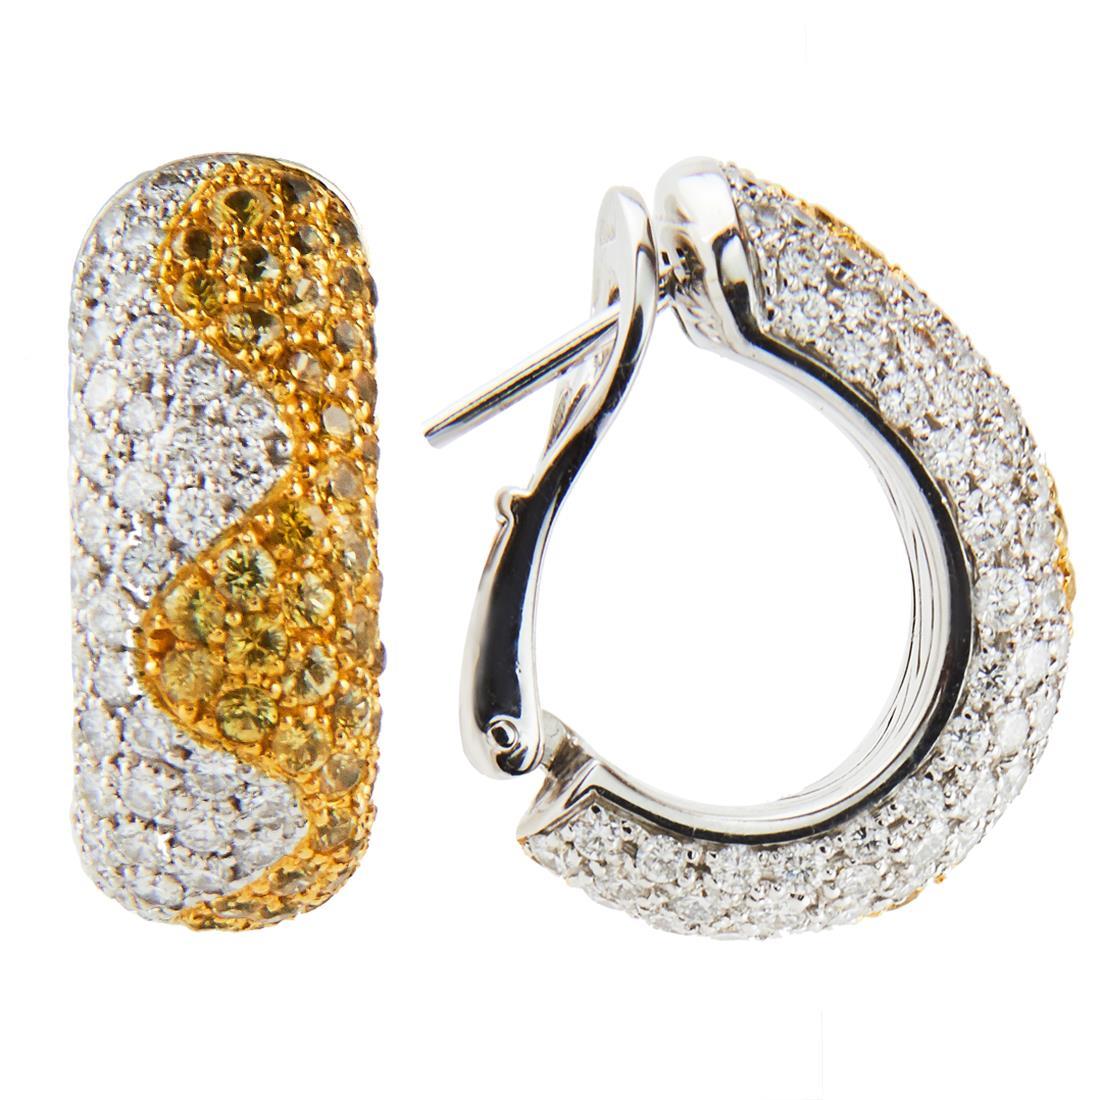 Orecchini in oro bianco e diamanti ct 2.25 - CHOPARD